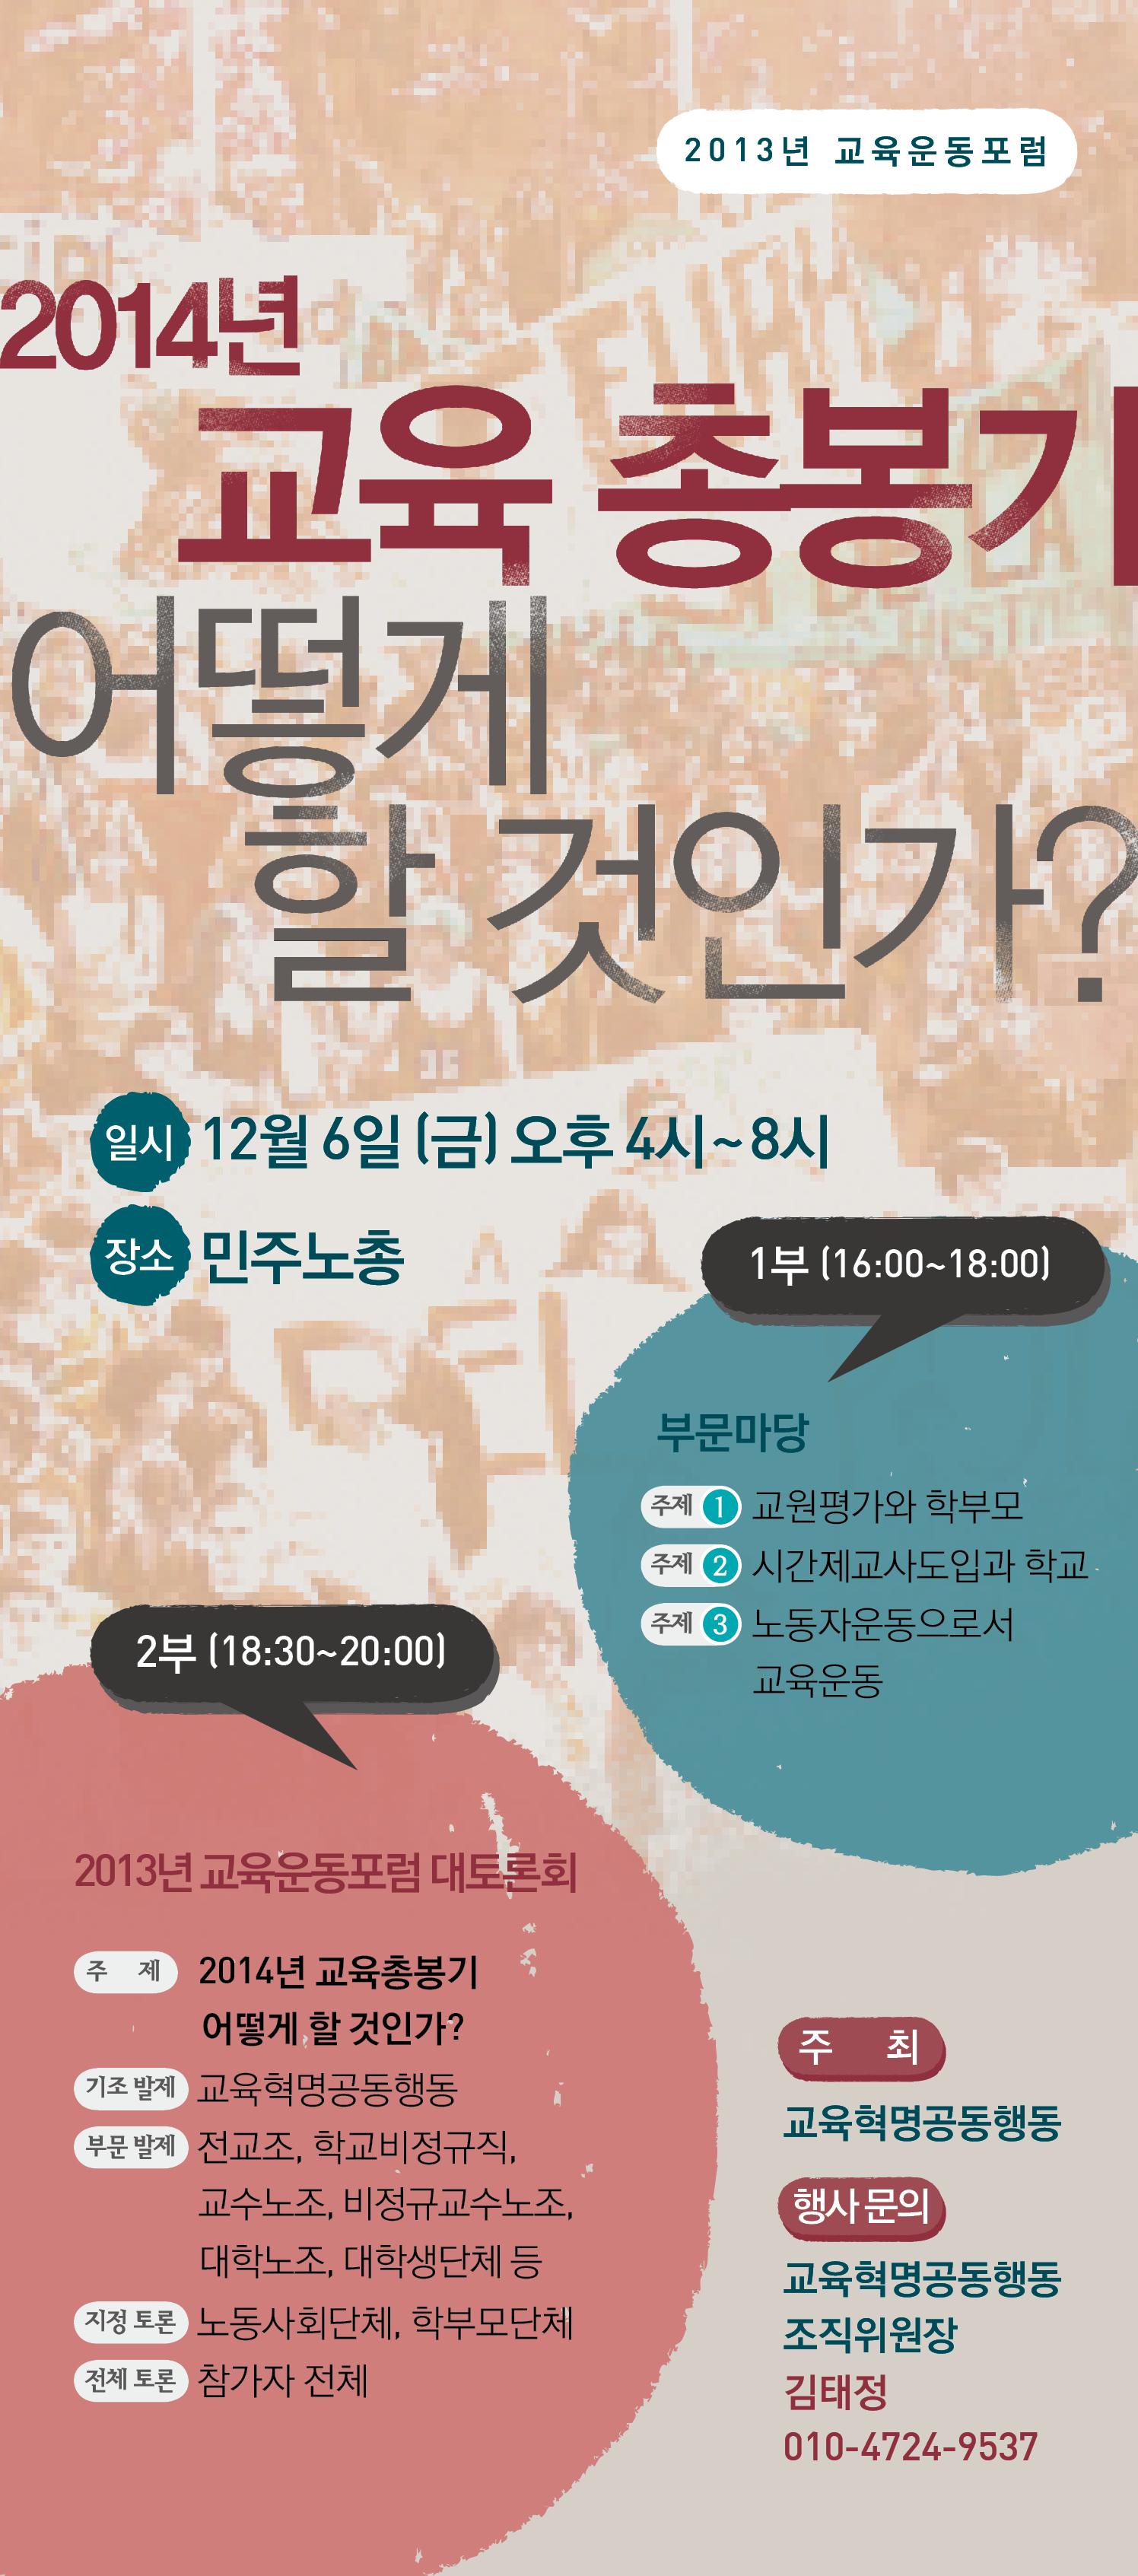 2013교육운동포럼웹포스터.jpg